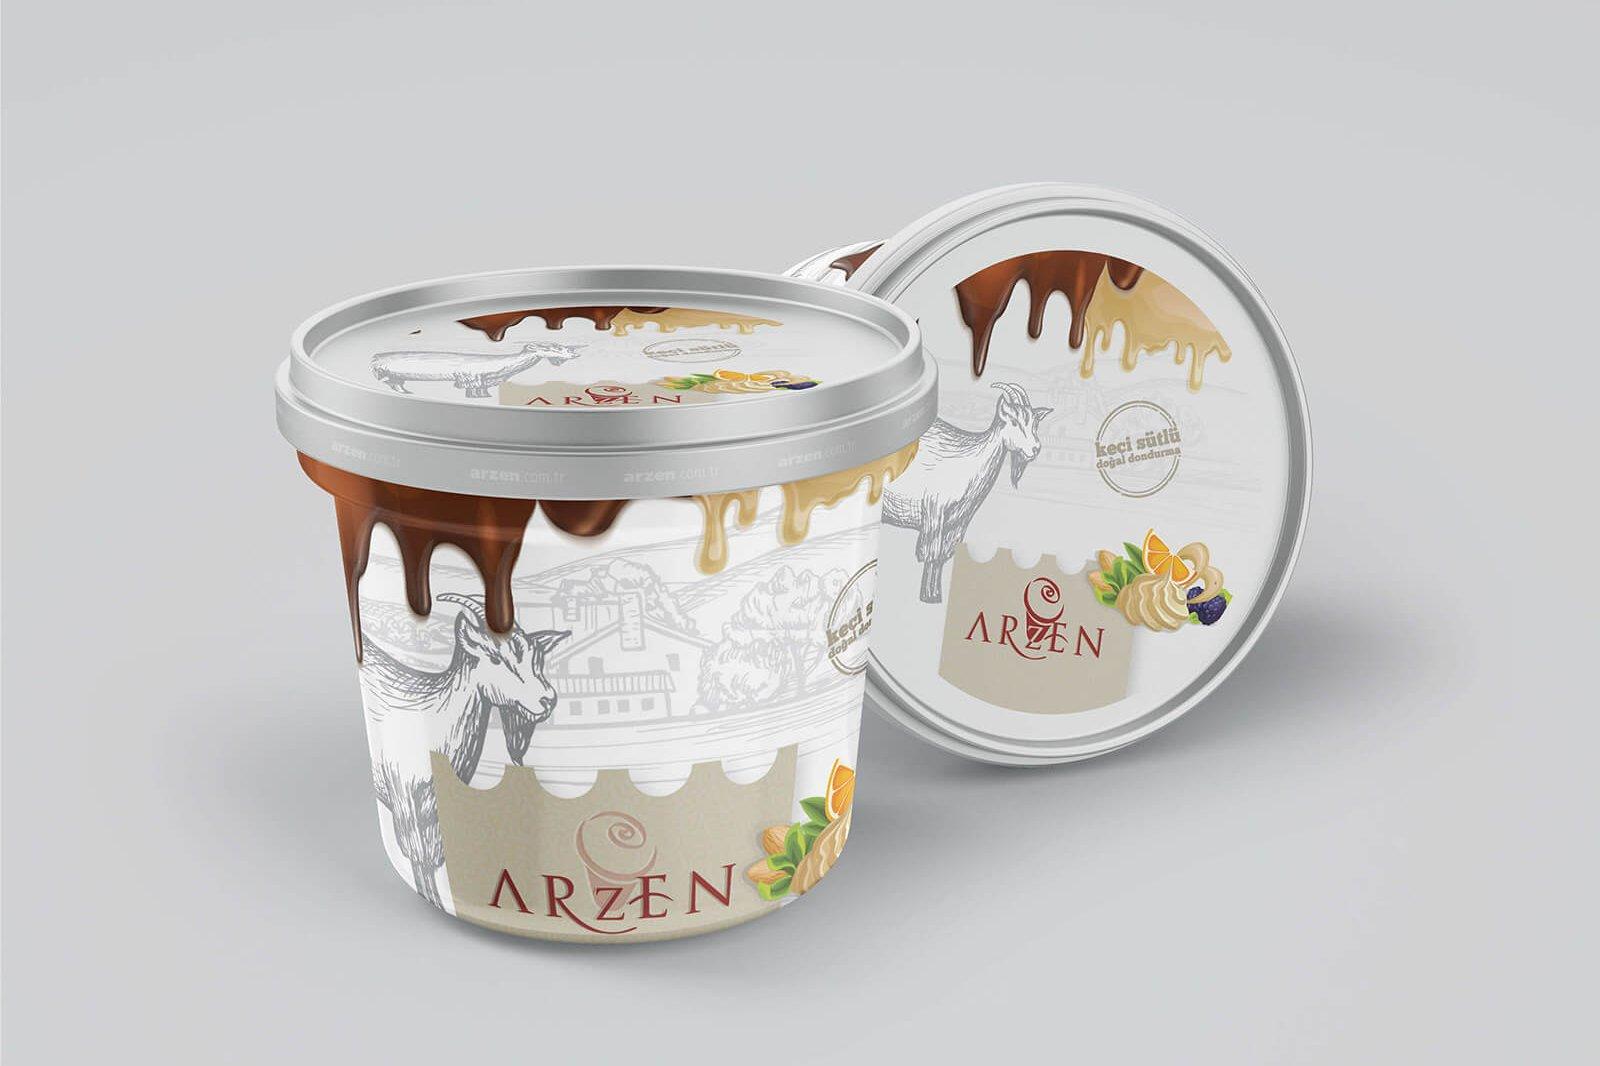 arzen 2